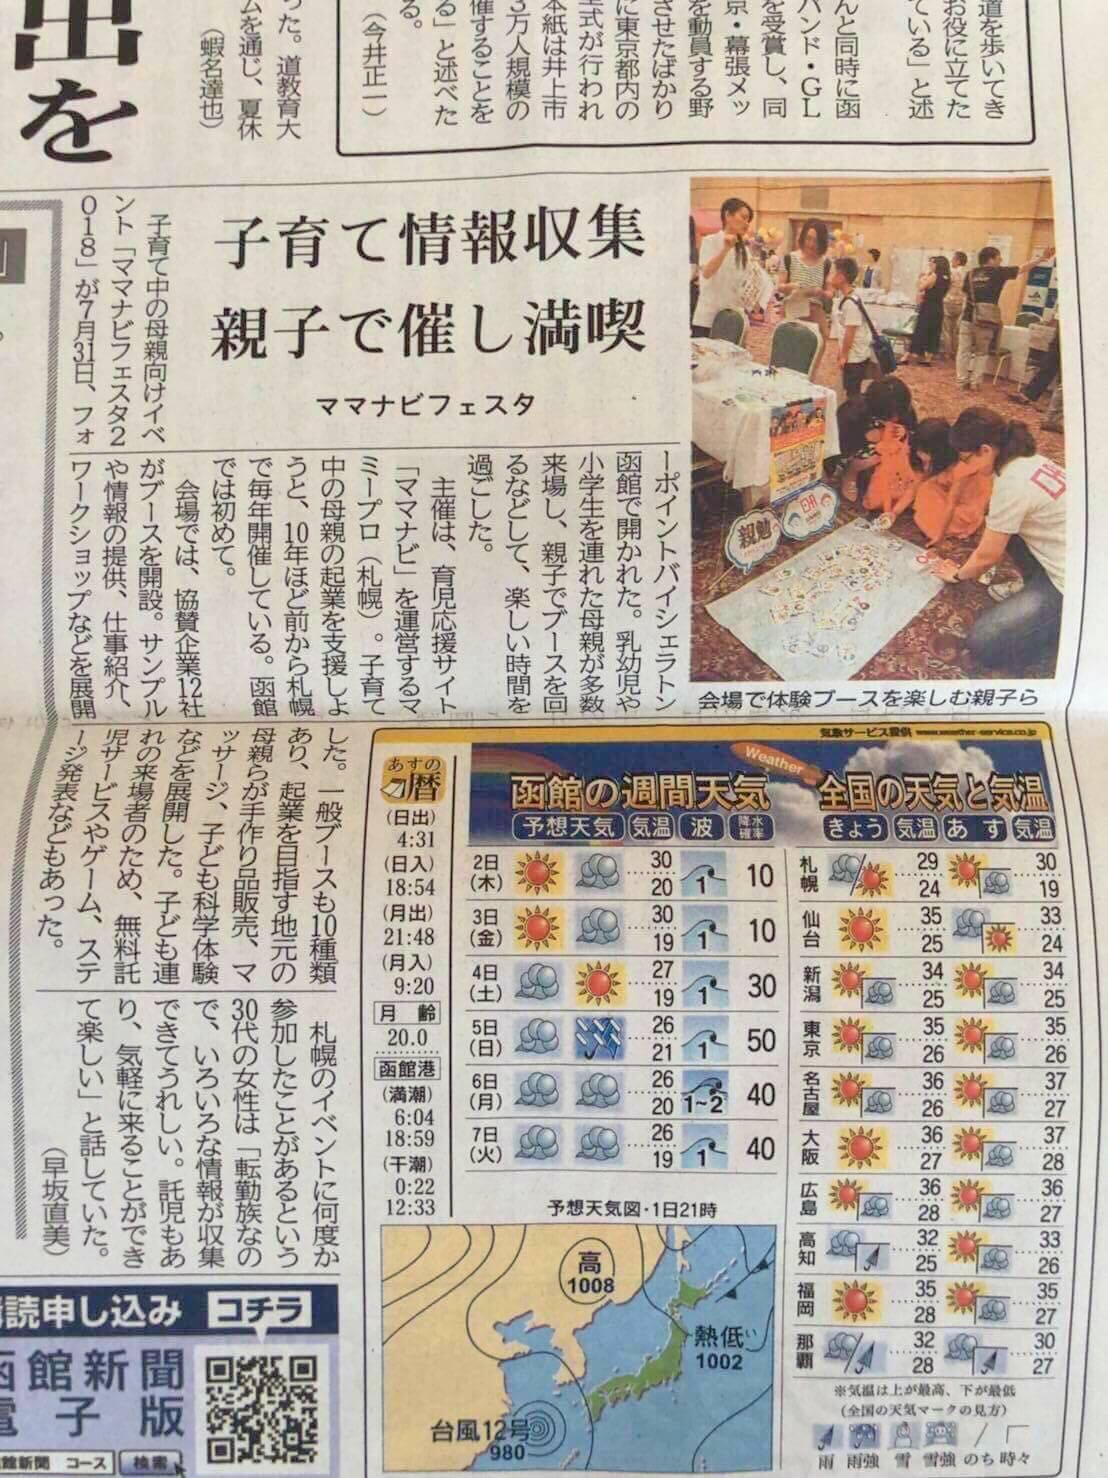 北海道函館市で開催されたママナビフェスタ2018 in 函館、親勉ブース函館新聞に掲載!